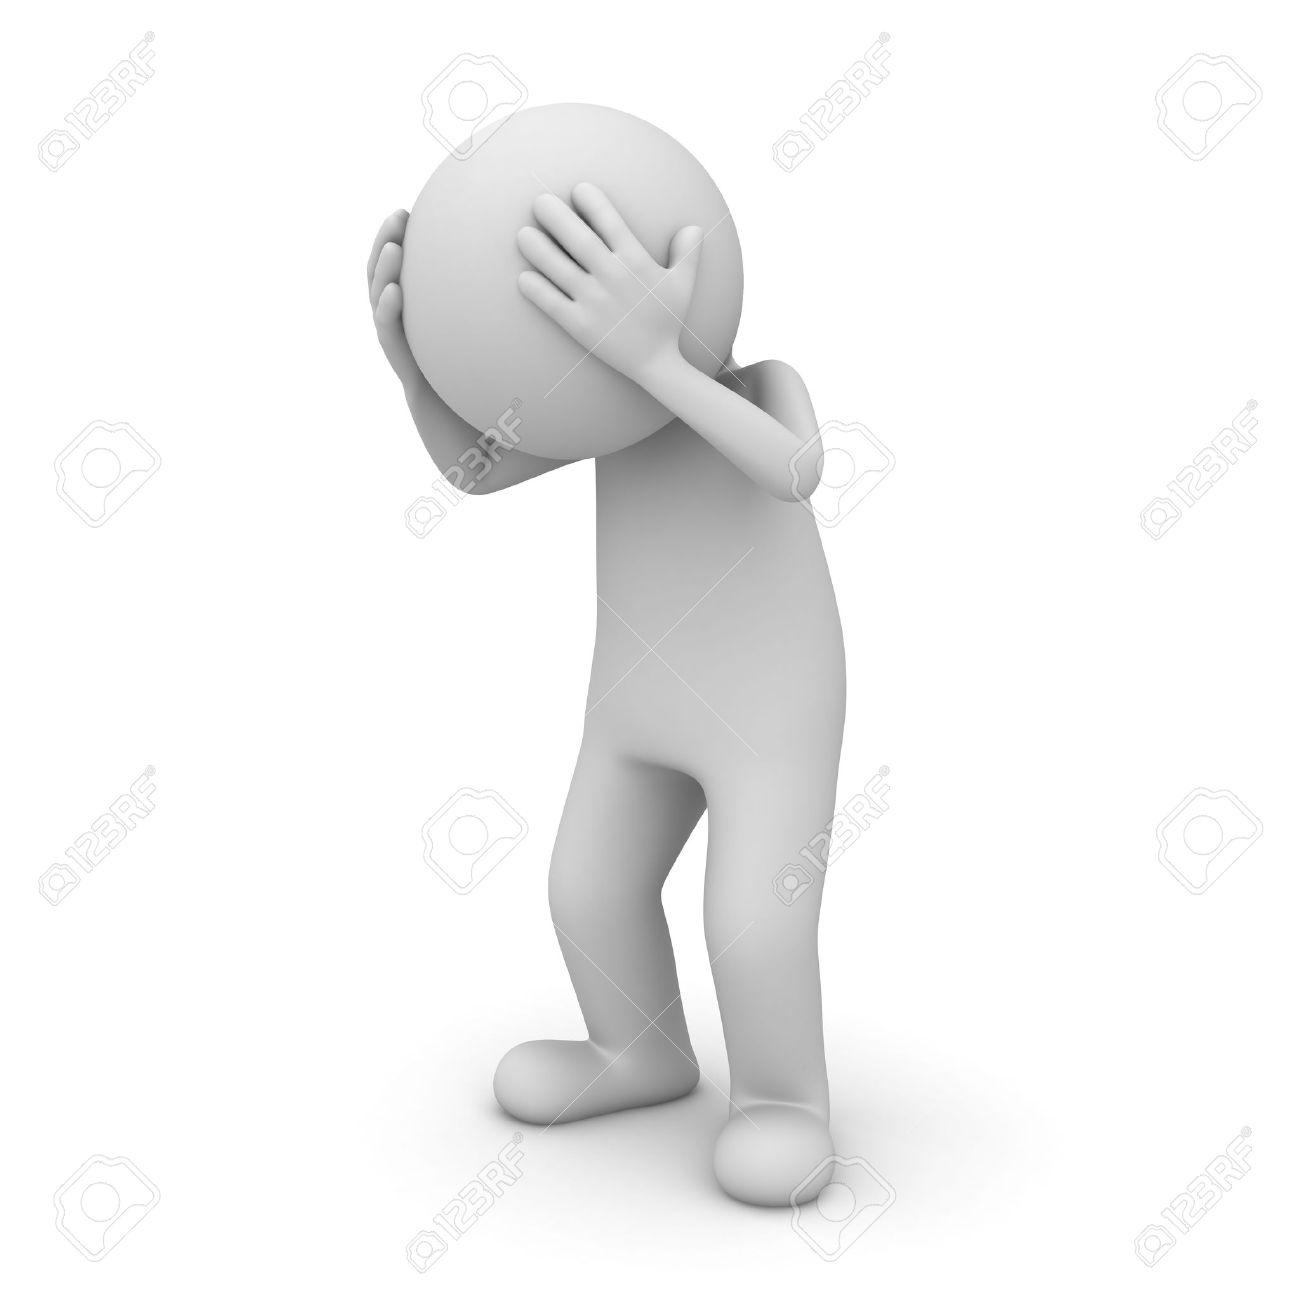 3d homme maux de tête isolé sur fond blanc Banque d'images - 45514456